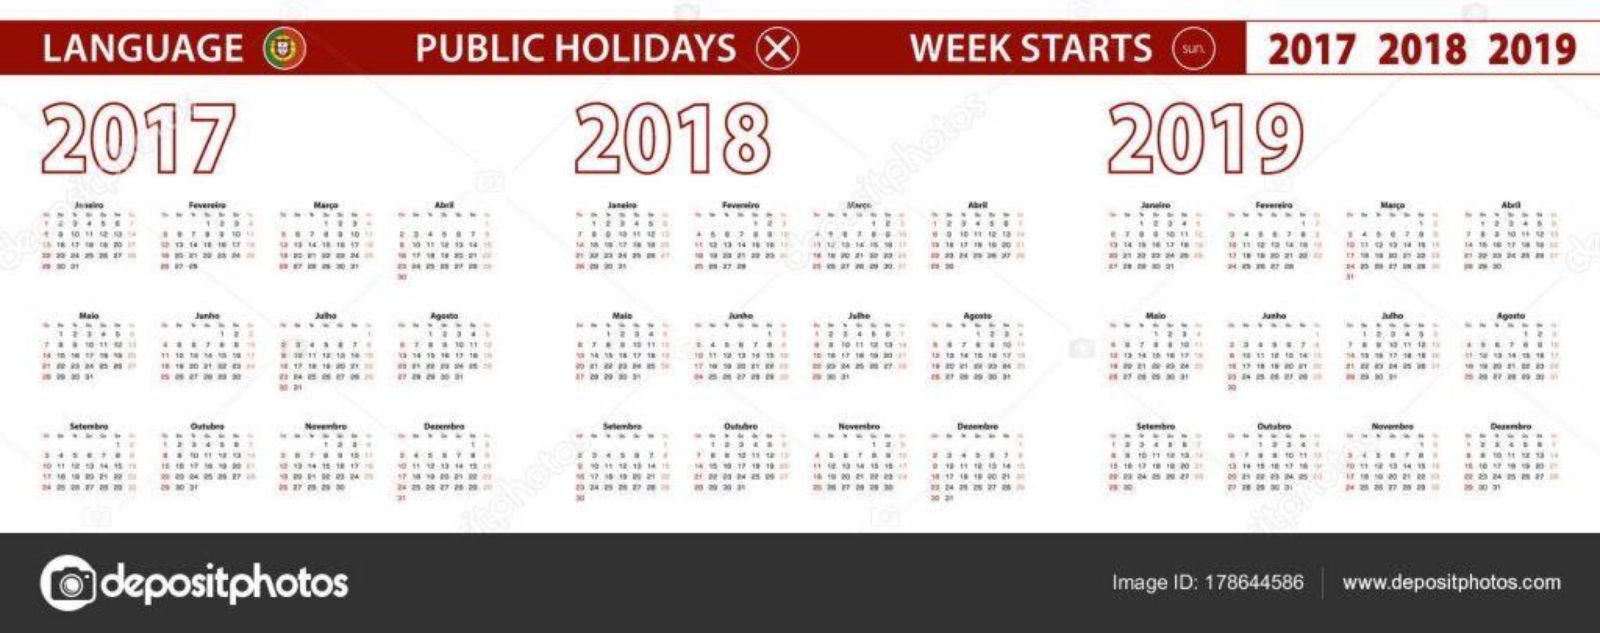 Feriados portugal 2018 2017, 2018, 2019 año vector calendario en